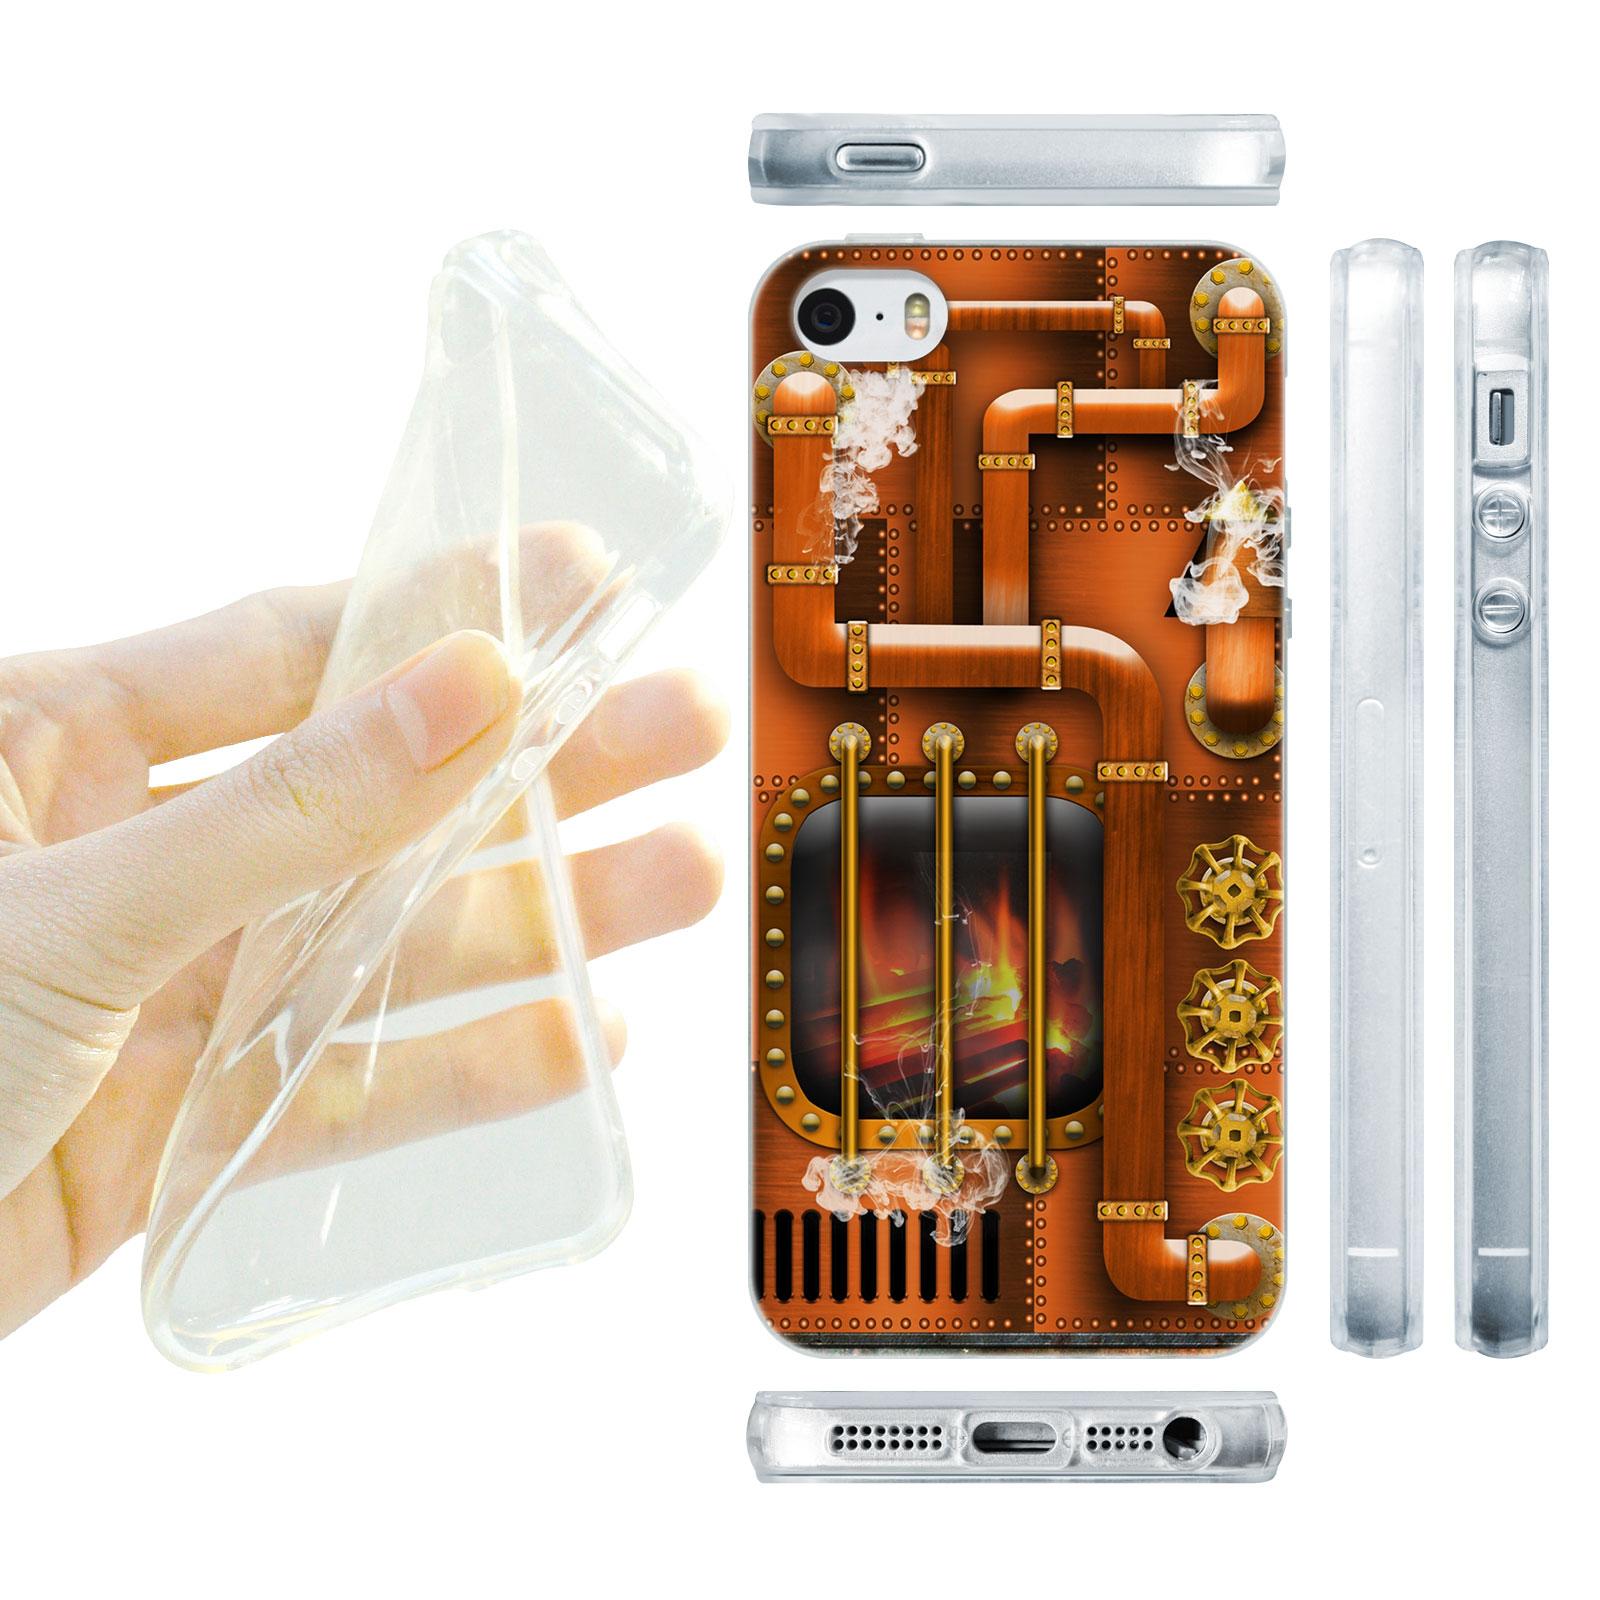 HEAD CASE silikonový obal na mobil Iphone 5/5S Vzor století páry hnědá